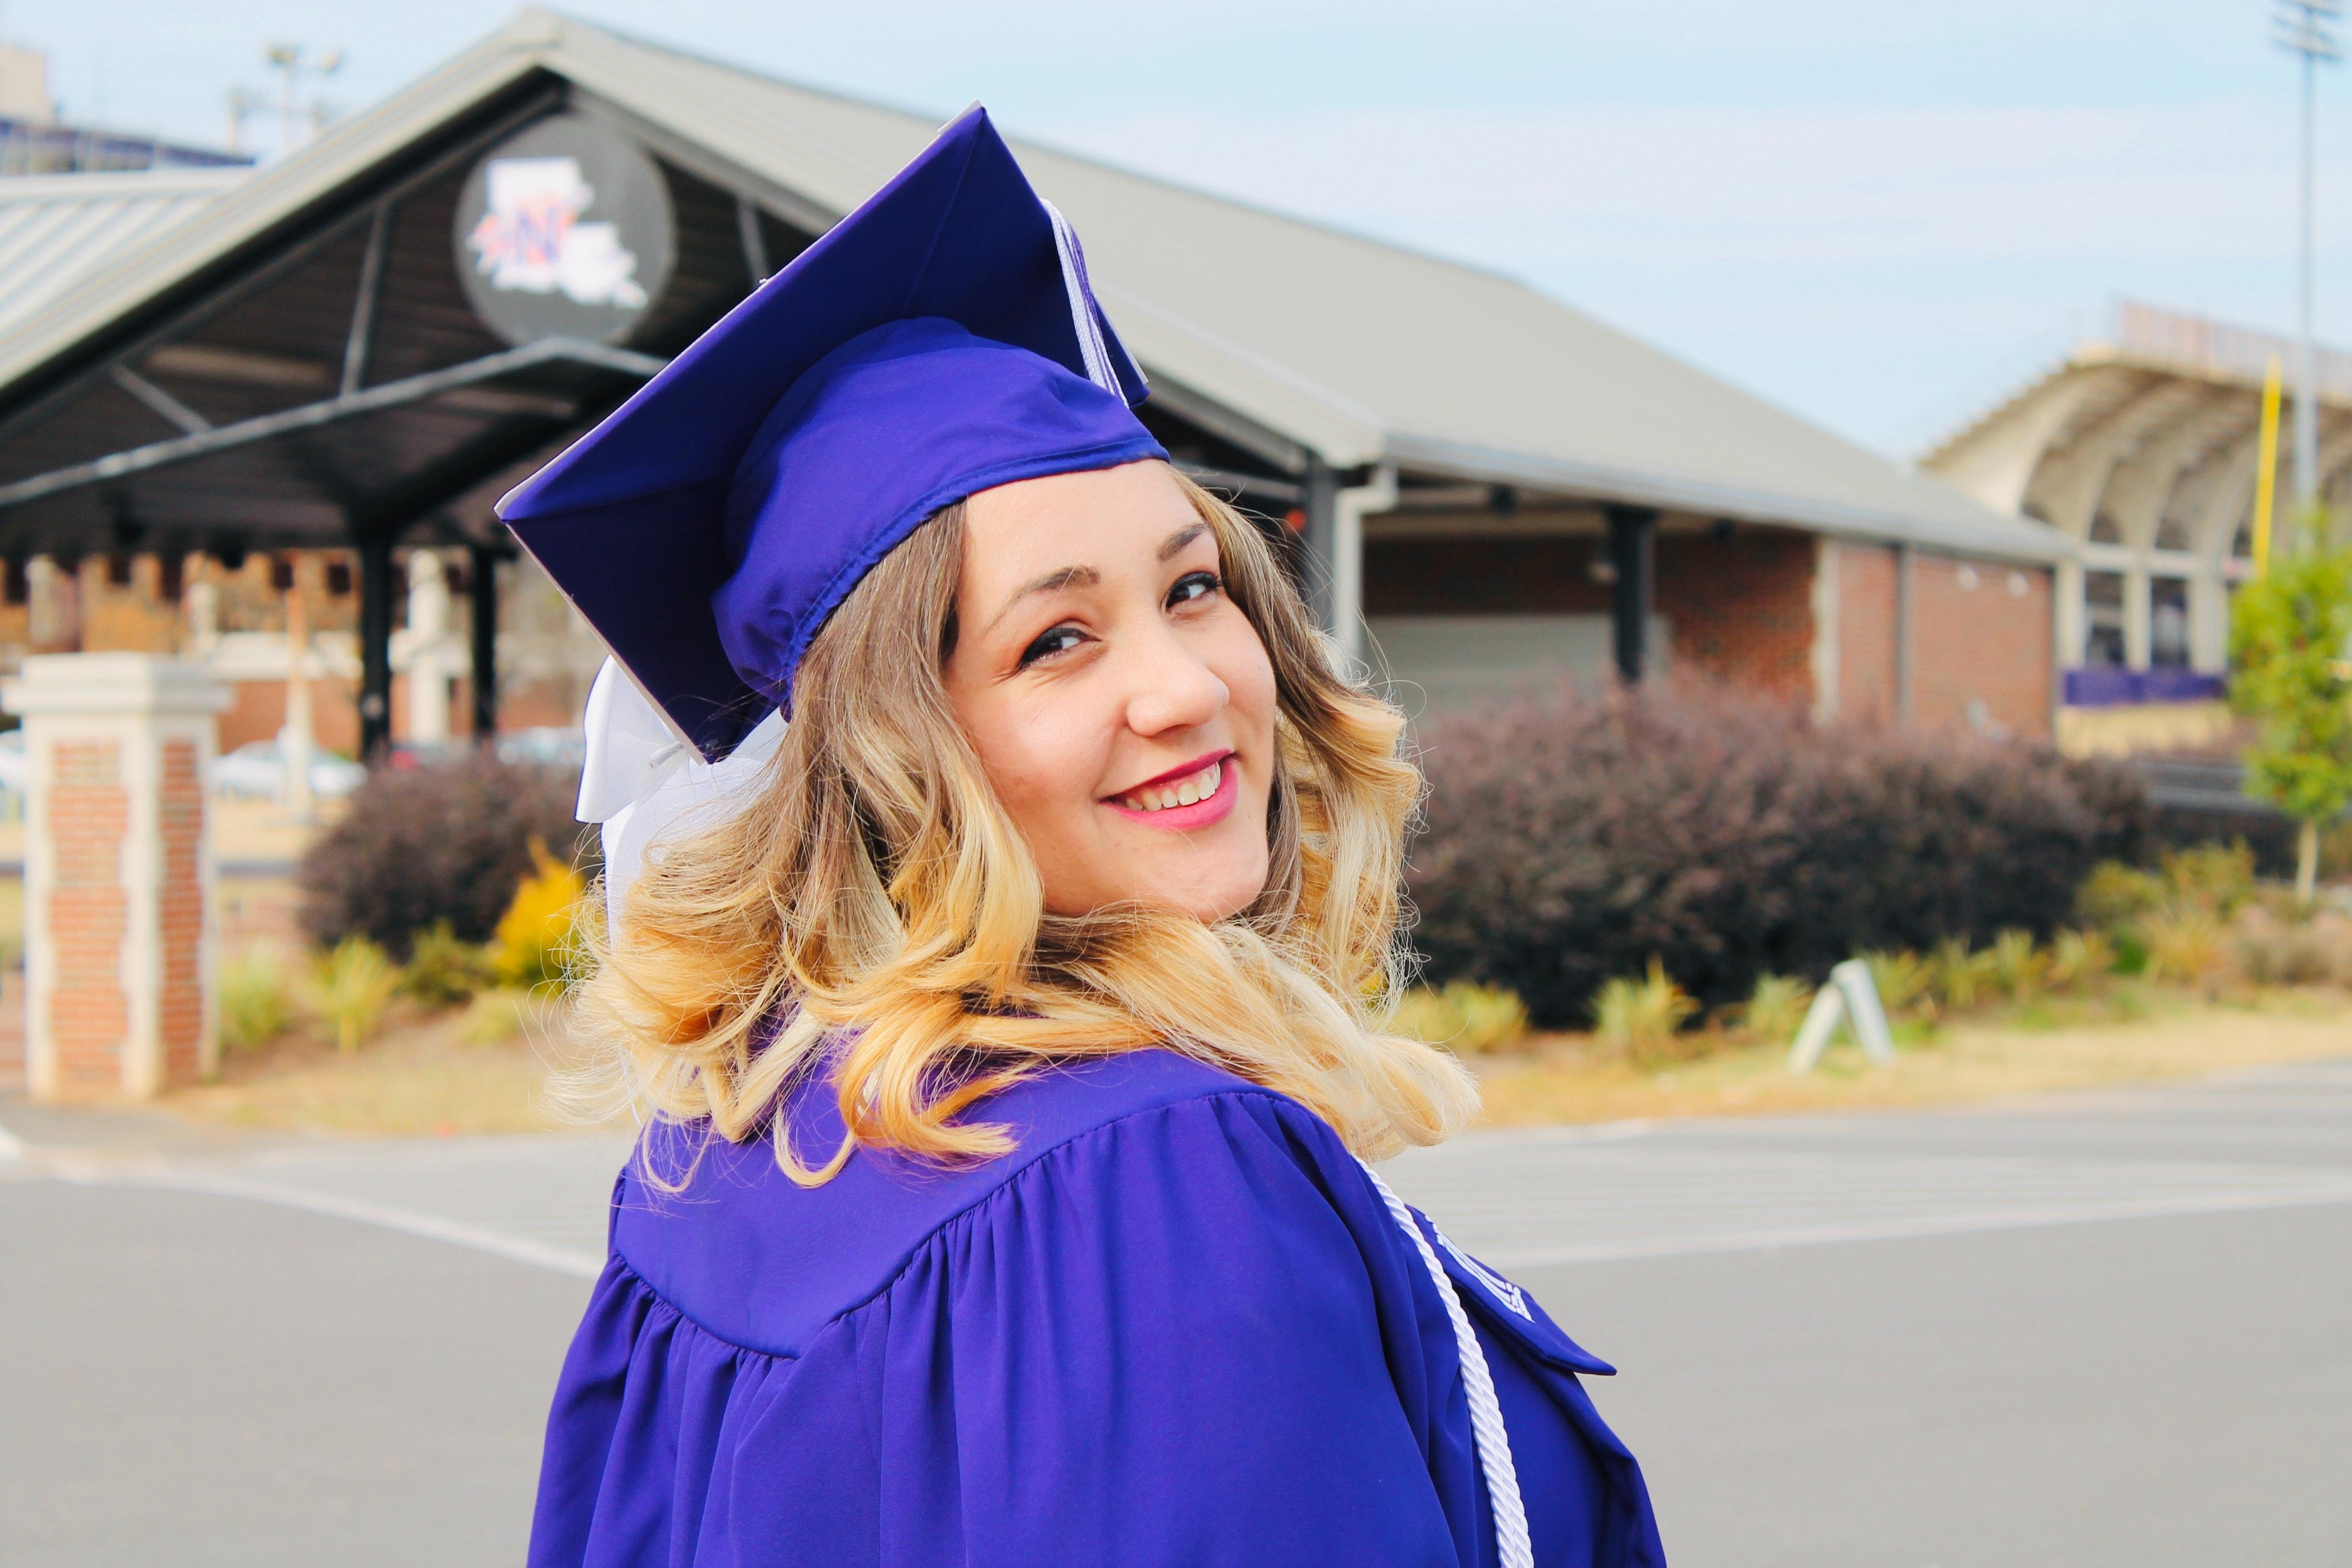 Etudiant diplomé heureux et épanoui